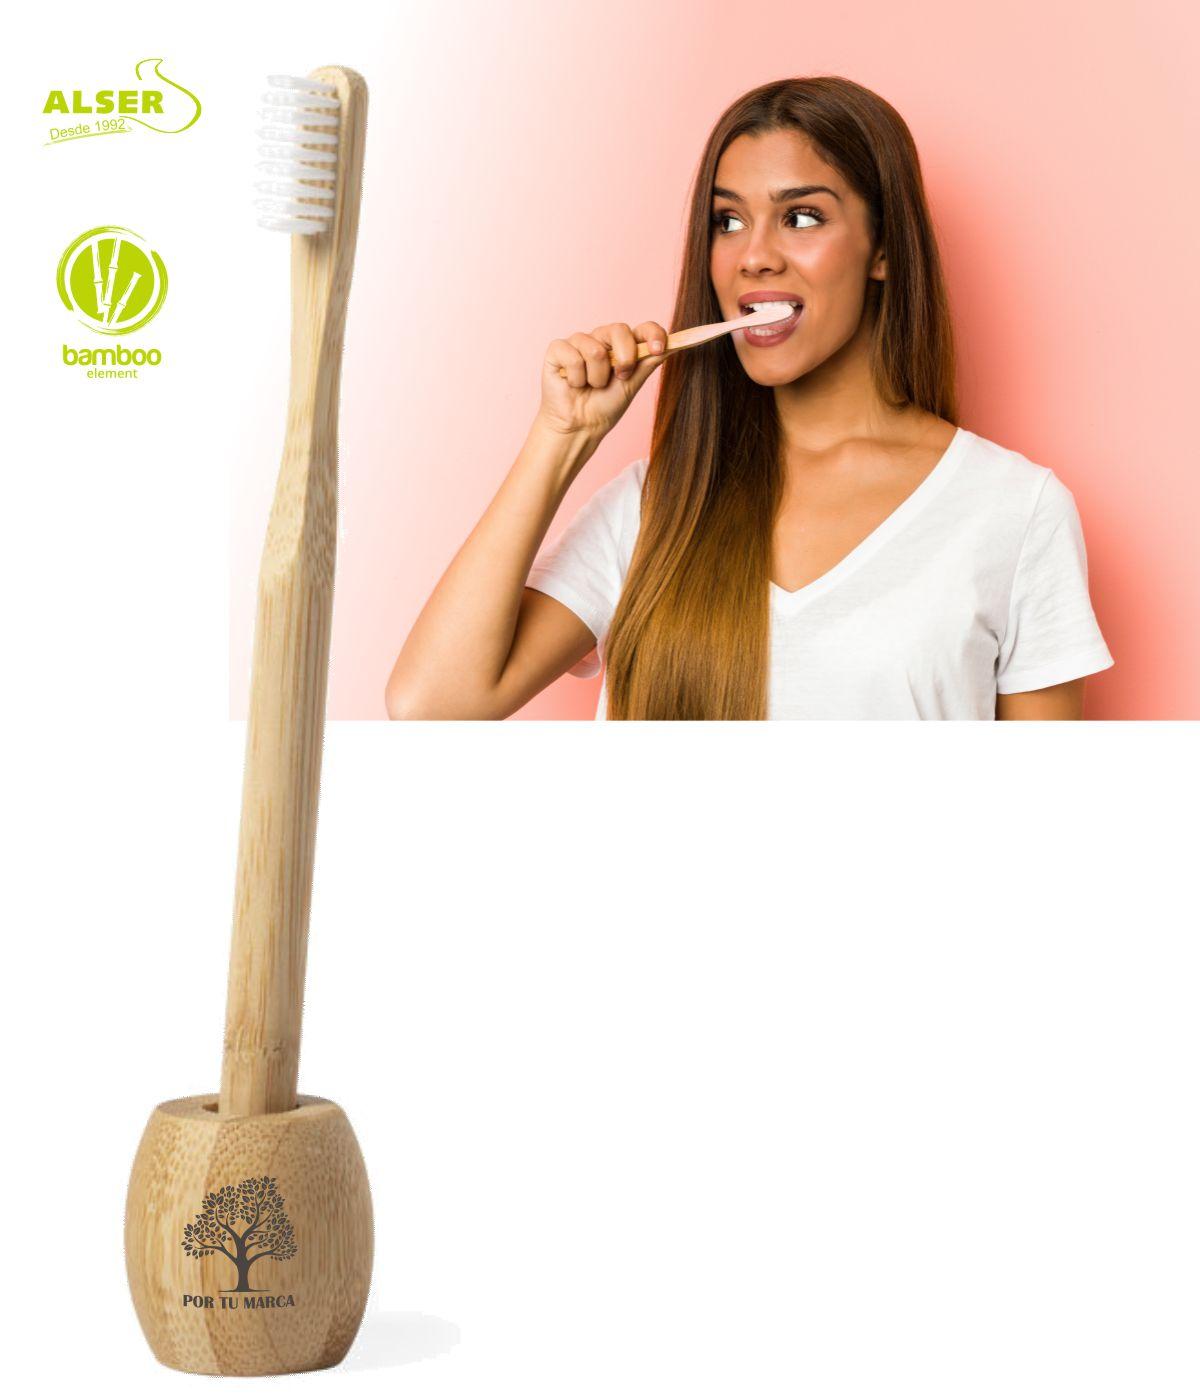 Cepillo dental personalizable para empresas y negocios